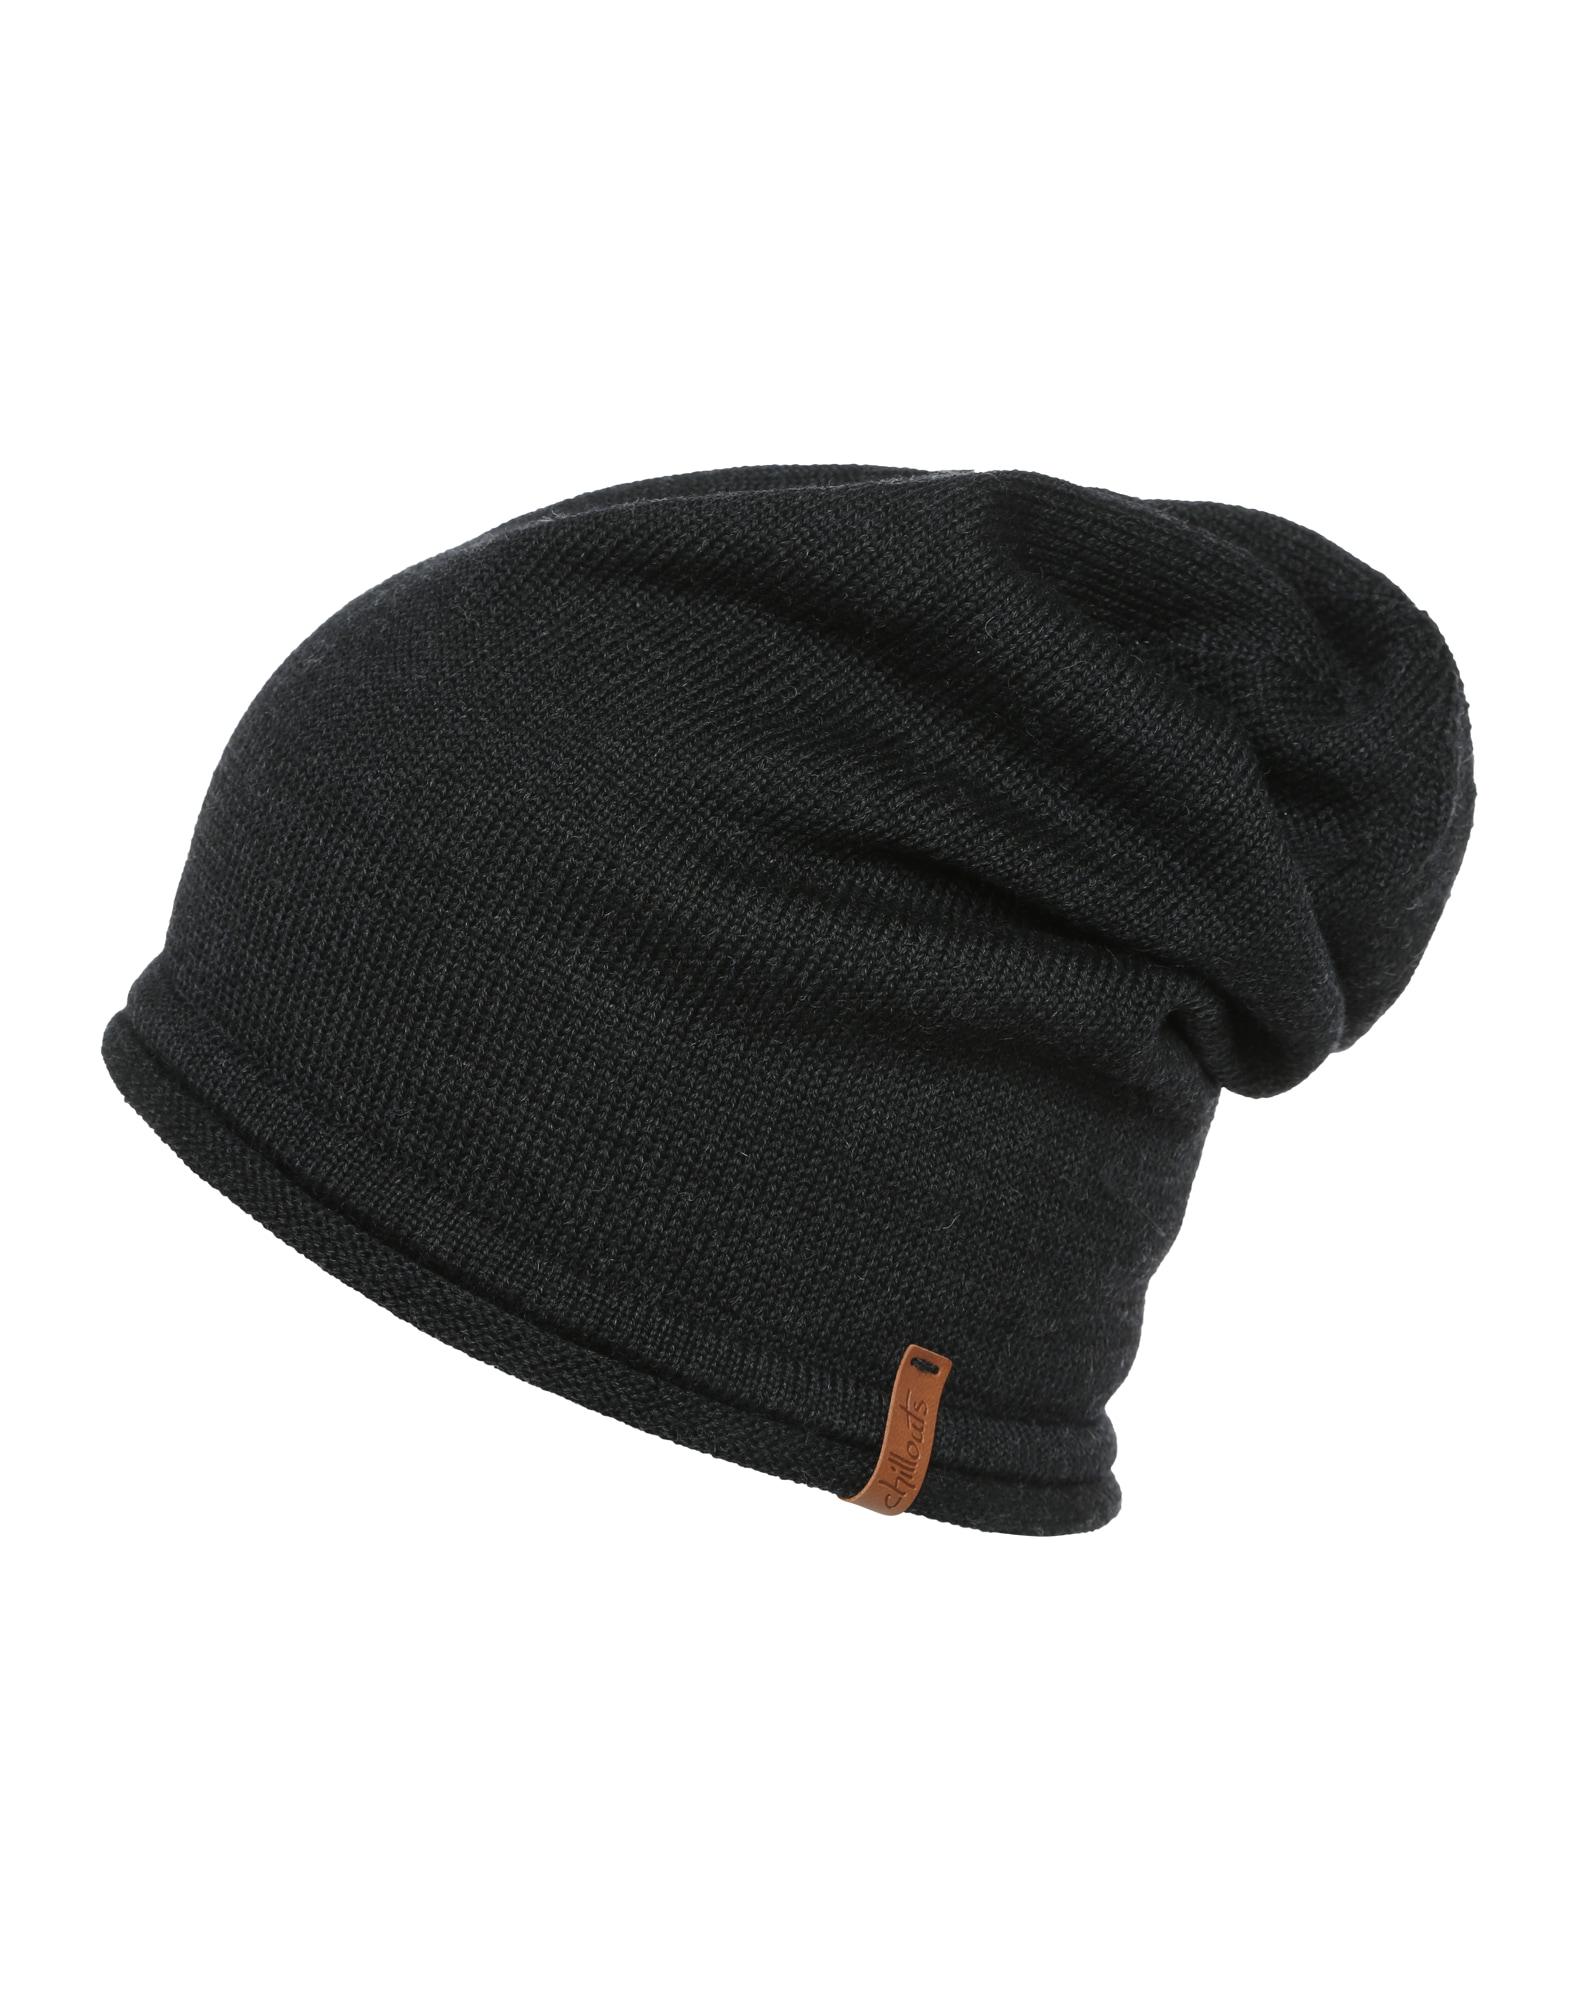 Čepice Leicester Hat černá Chillouts